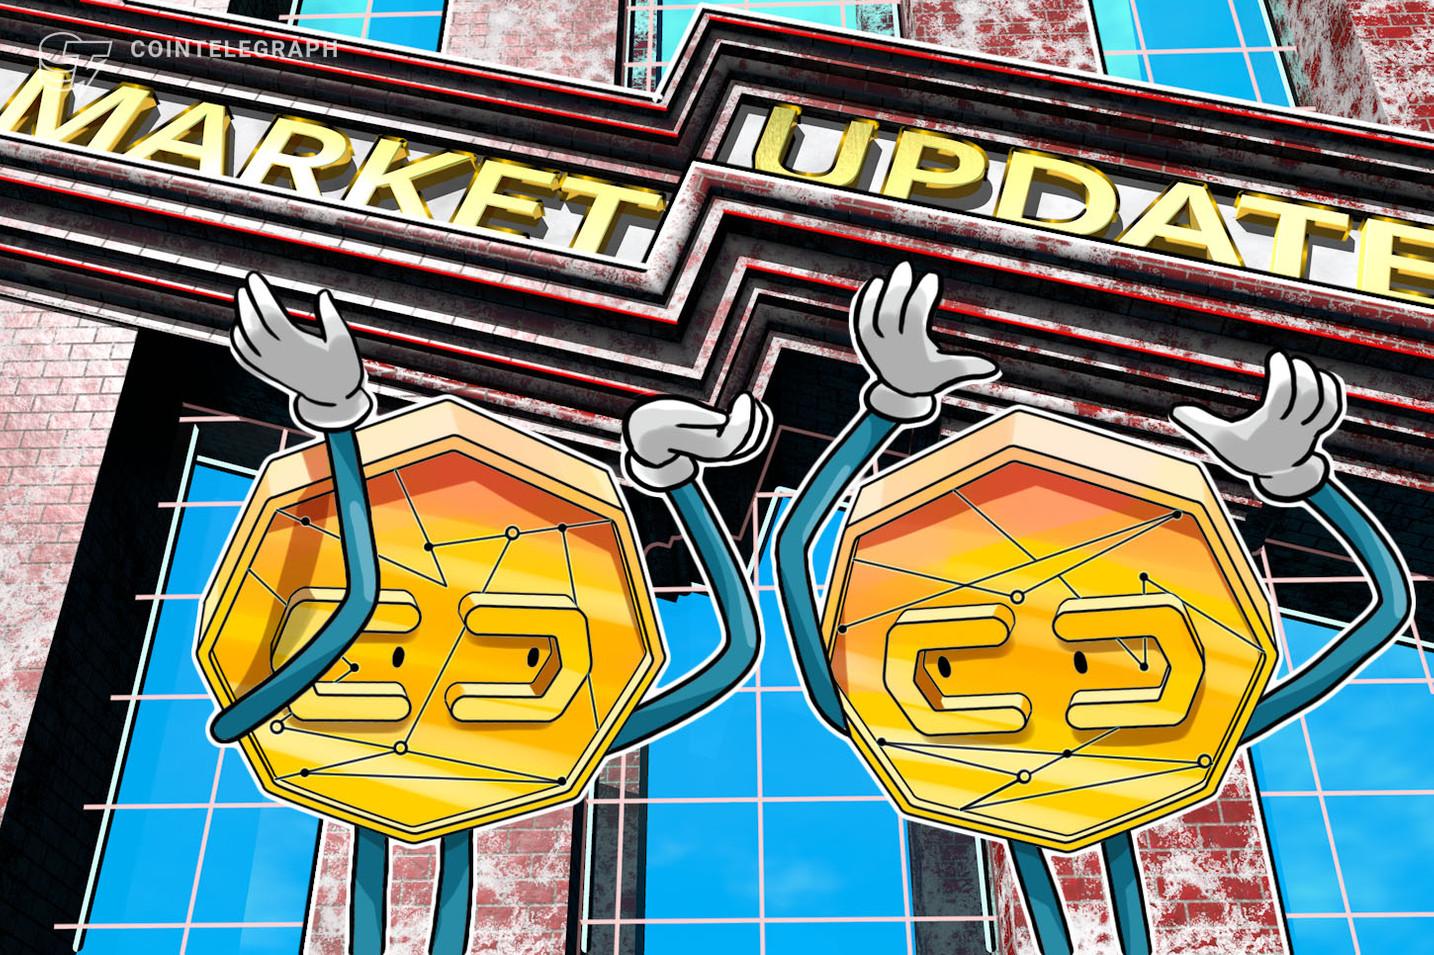 Kryptomärkte verzeichnen kleine Verluste: Ruhe auf dem Markt geht weiter